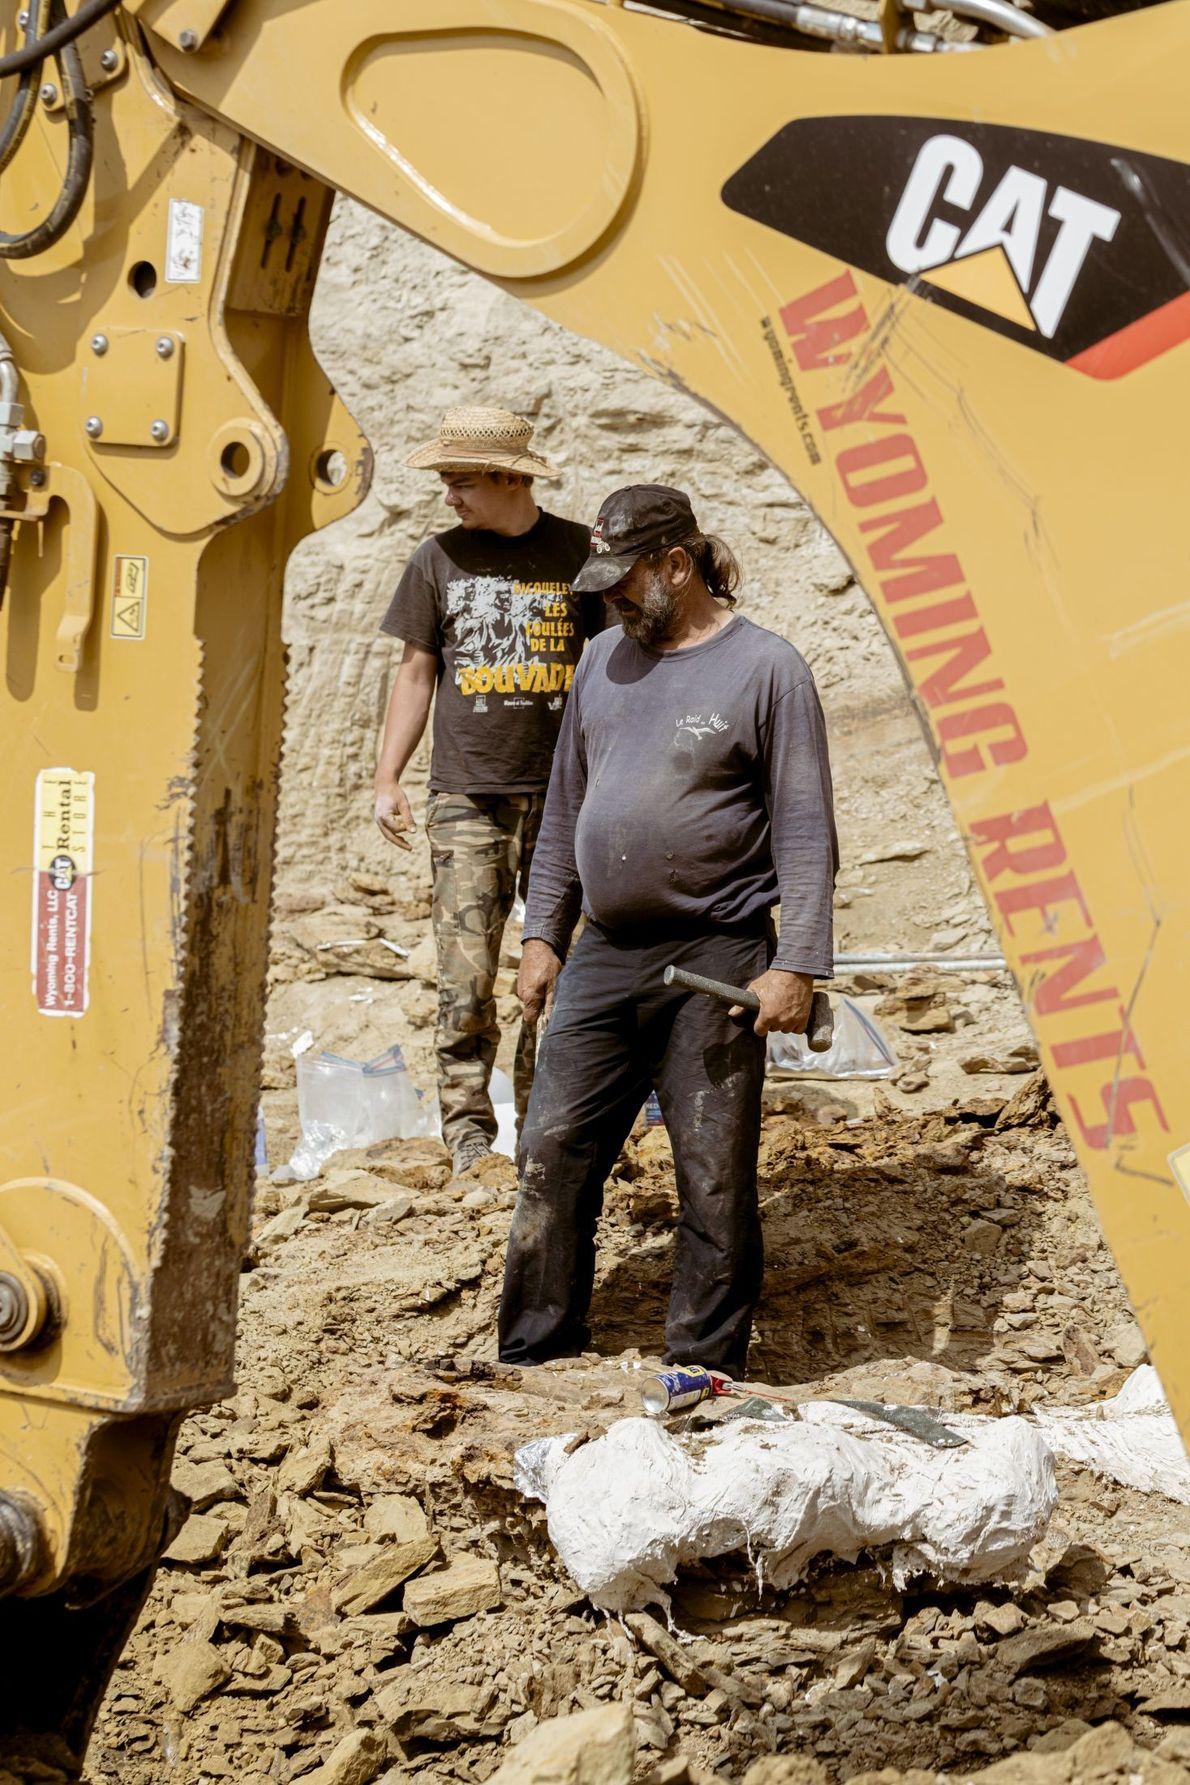 Trotz des schweren Geräts erfordert die Bergung der Gesteinsschicht noch viel Muskelkraft.